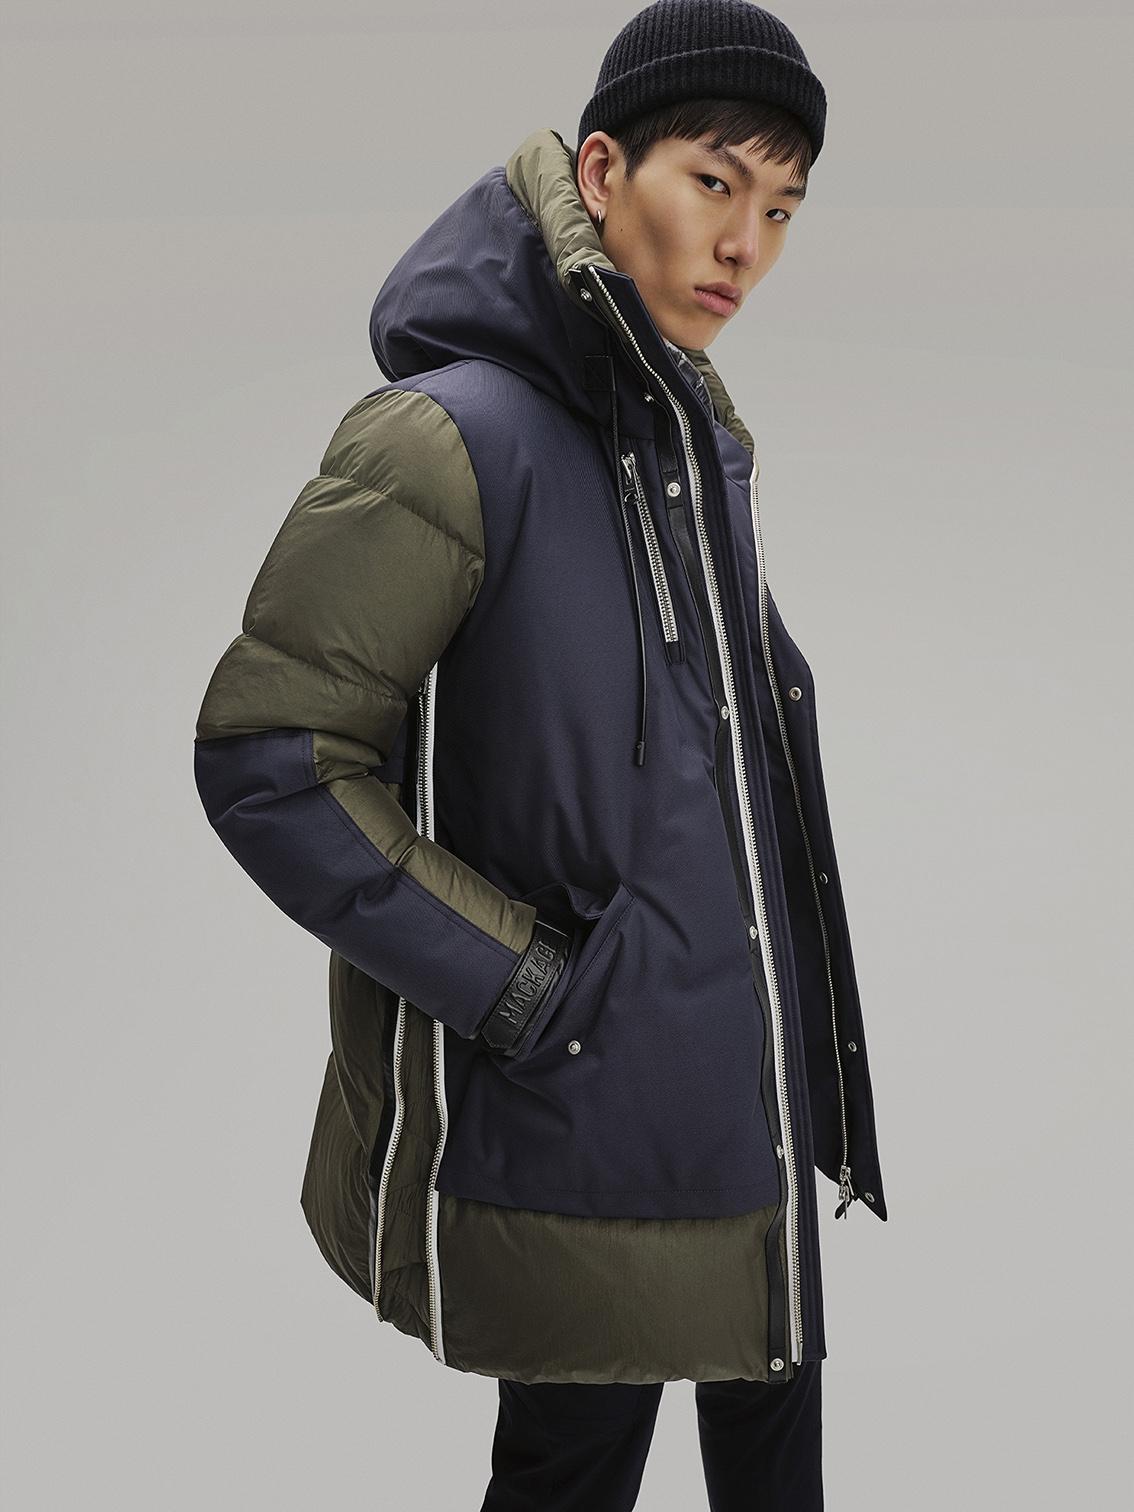 mackage-fall-winter-20-12